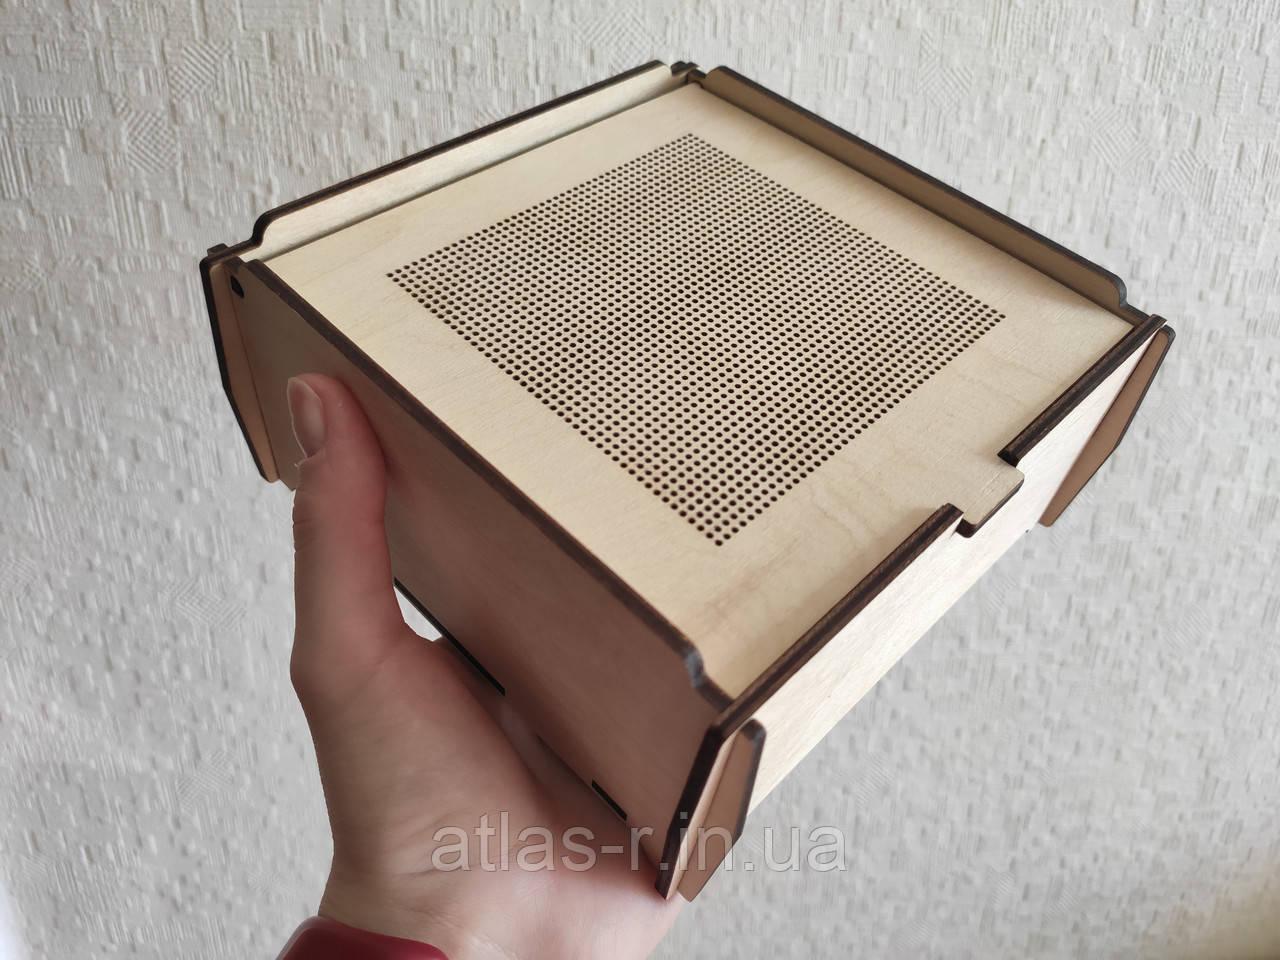 Дерев'яна скринька, коробка для вишивки бісером, нитками. Заготівля для декупажу